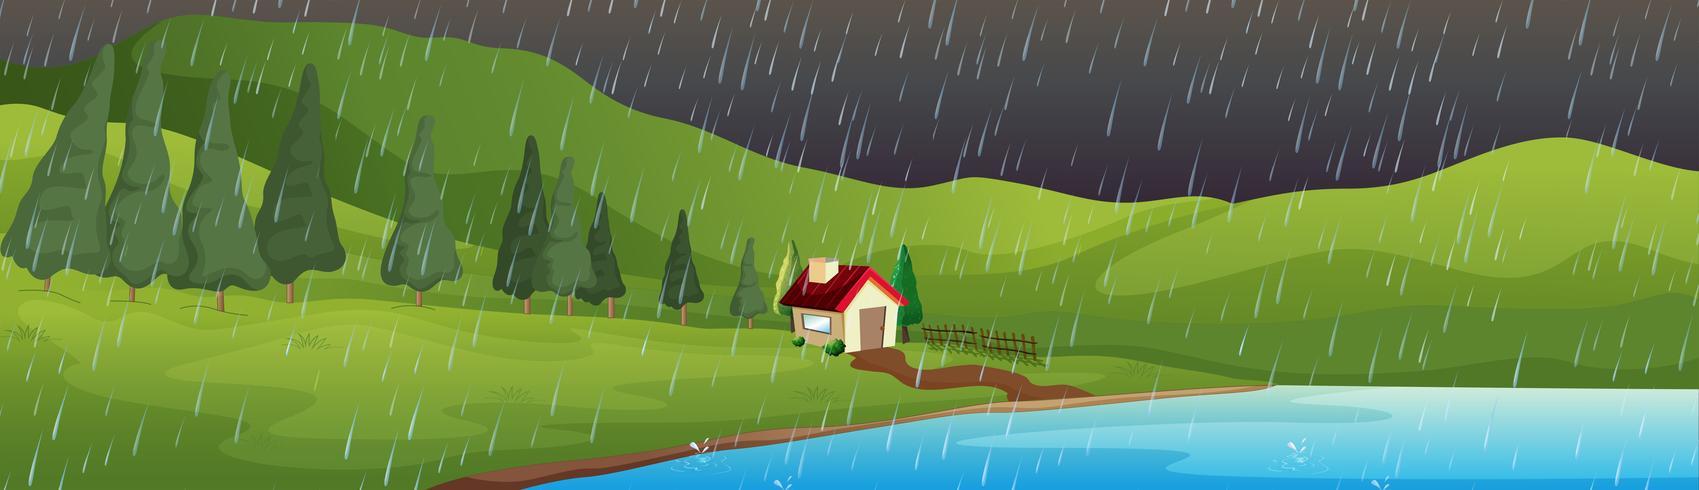 Escena de fondo con casa junto al lago bajo la lluvia